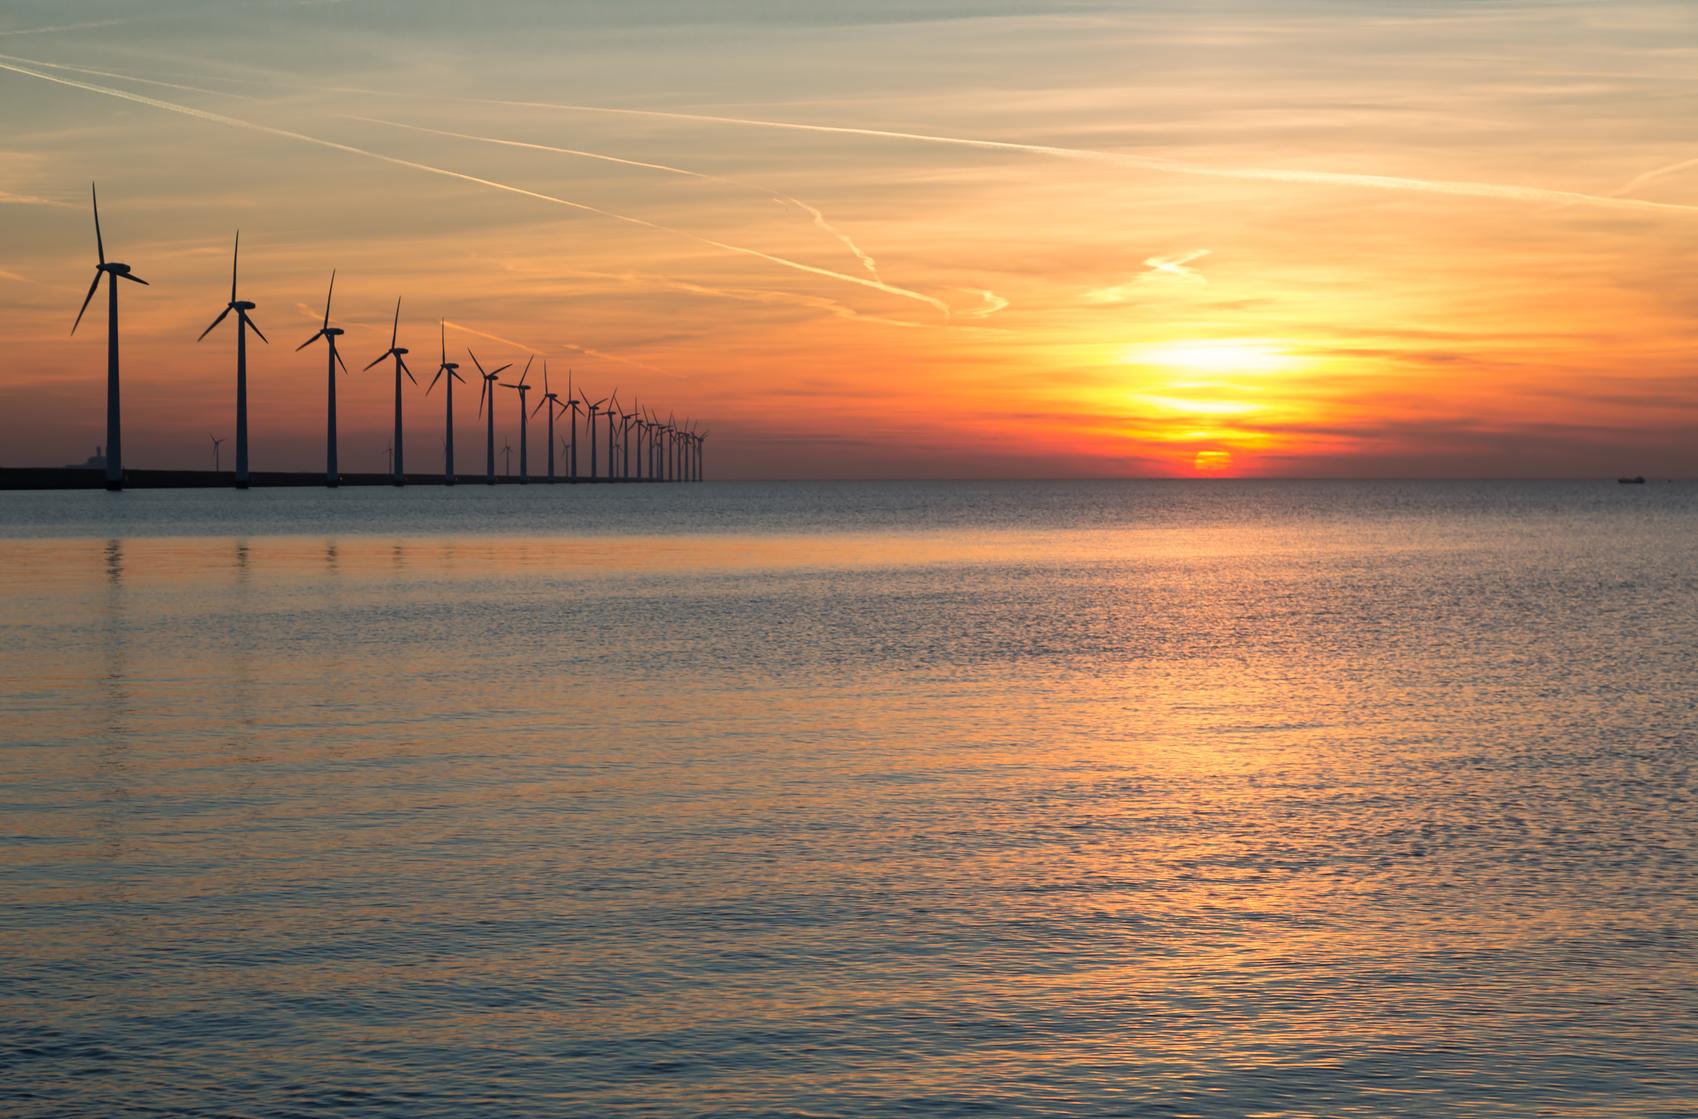 Atardecer En Alemania Con Turbinas Eólicas Offshore